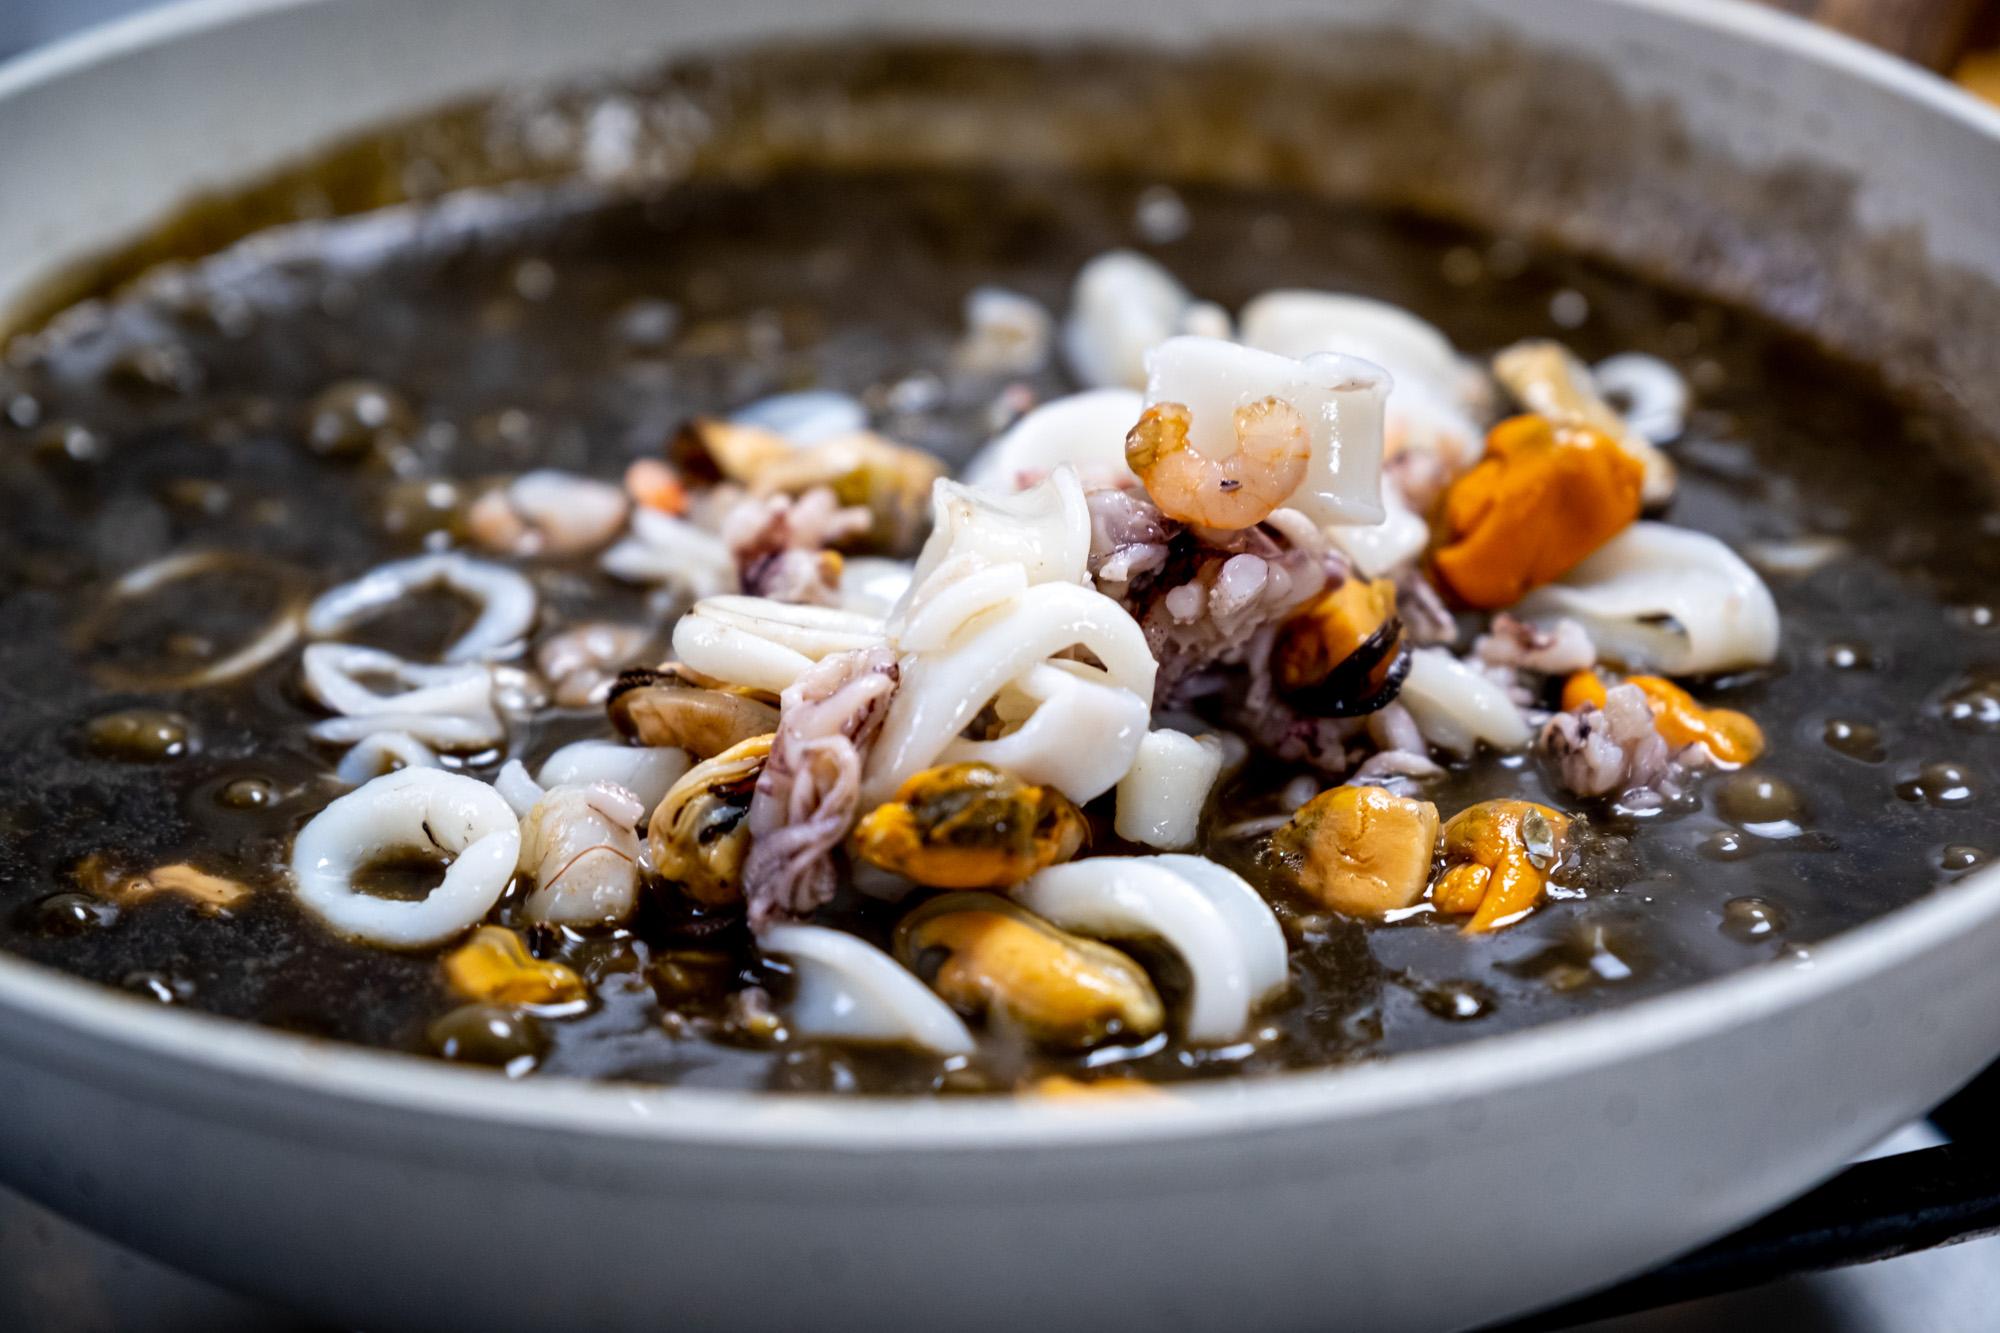 Mořské plody přidané do risotta